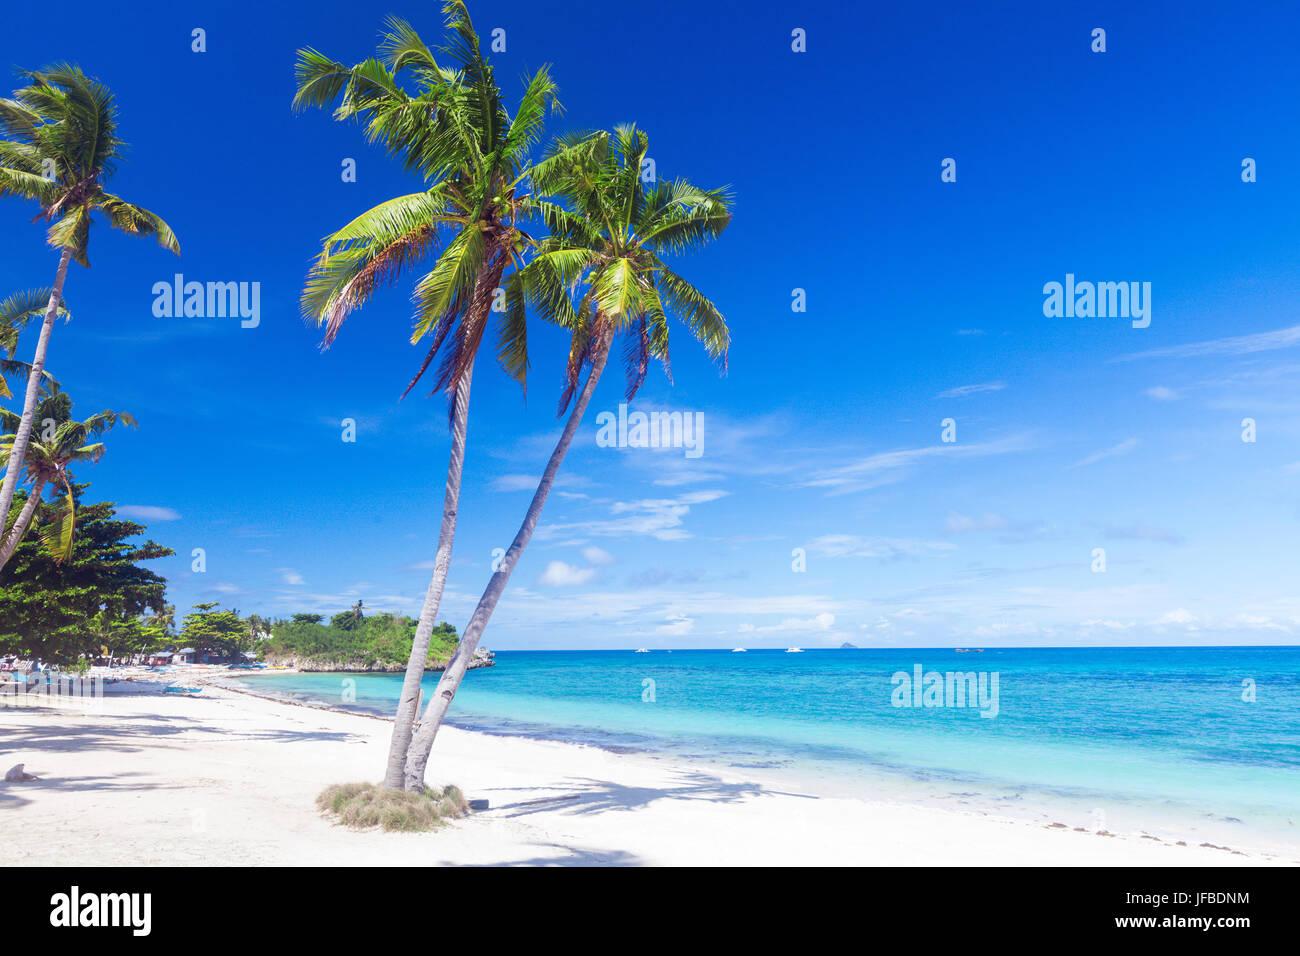 Spiaggia tropicale con palme di cocco Immagini Stock